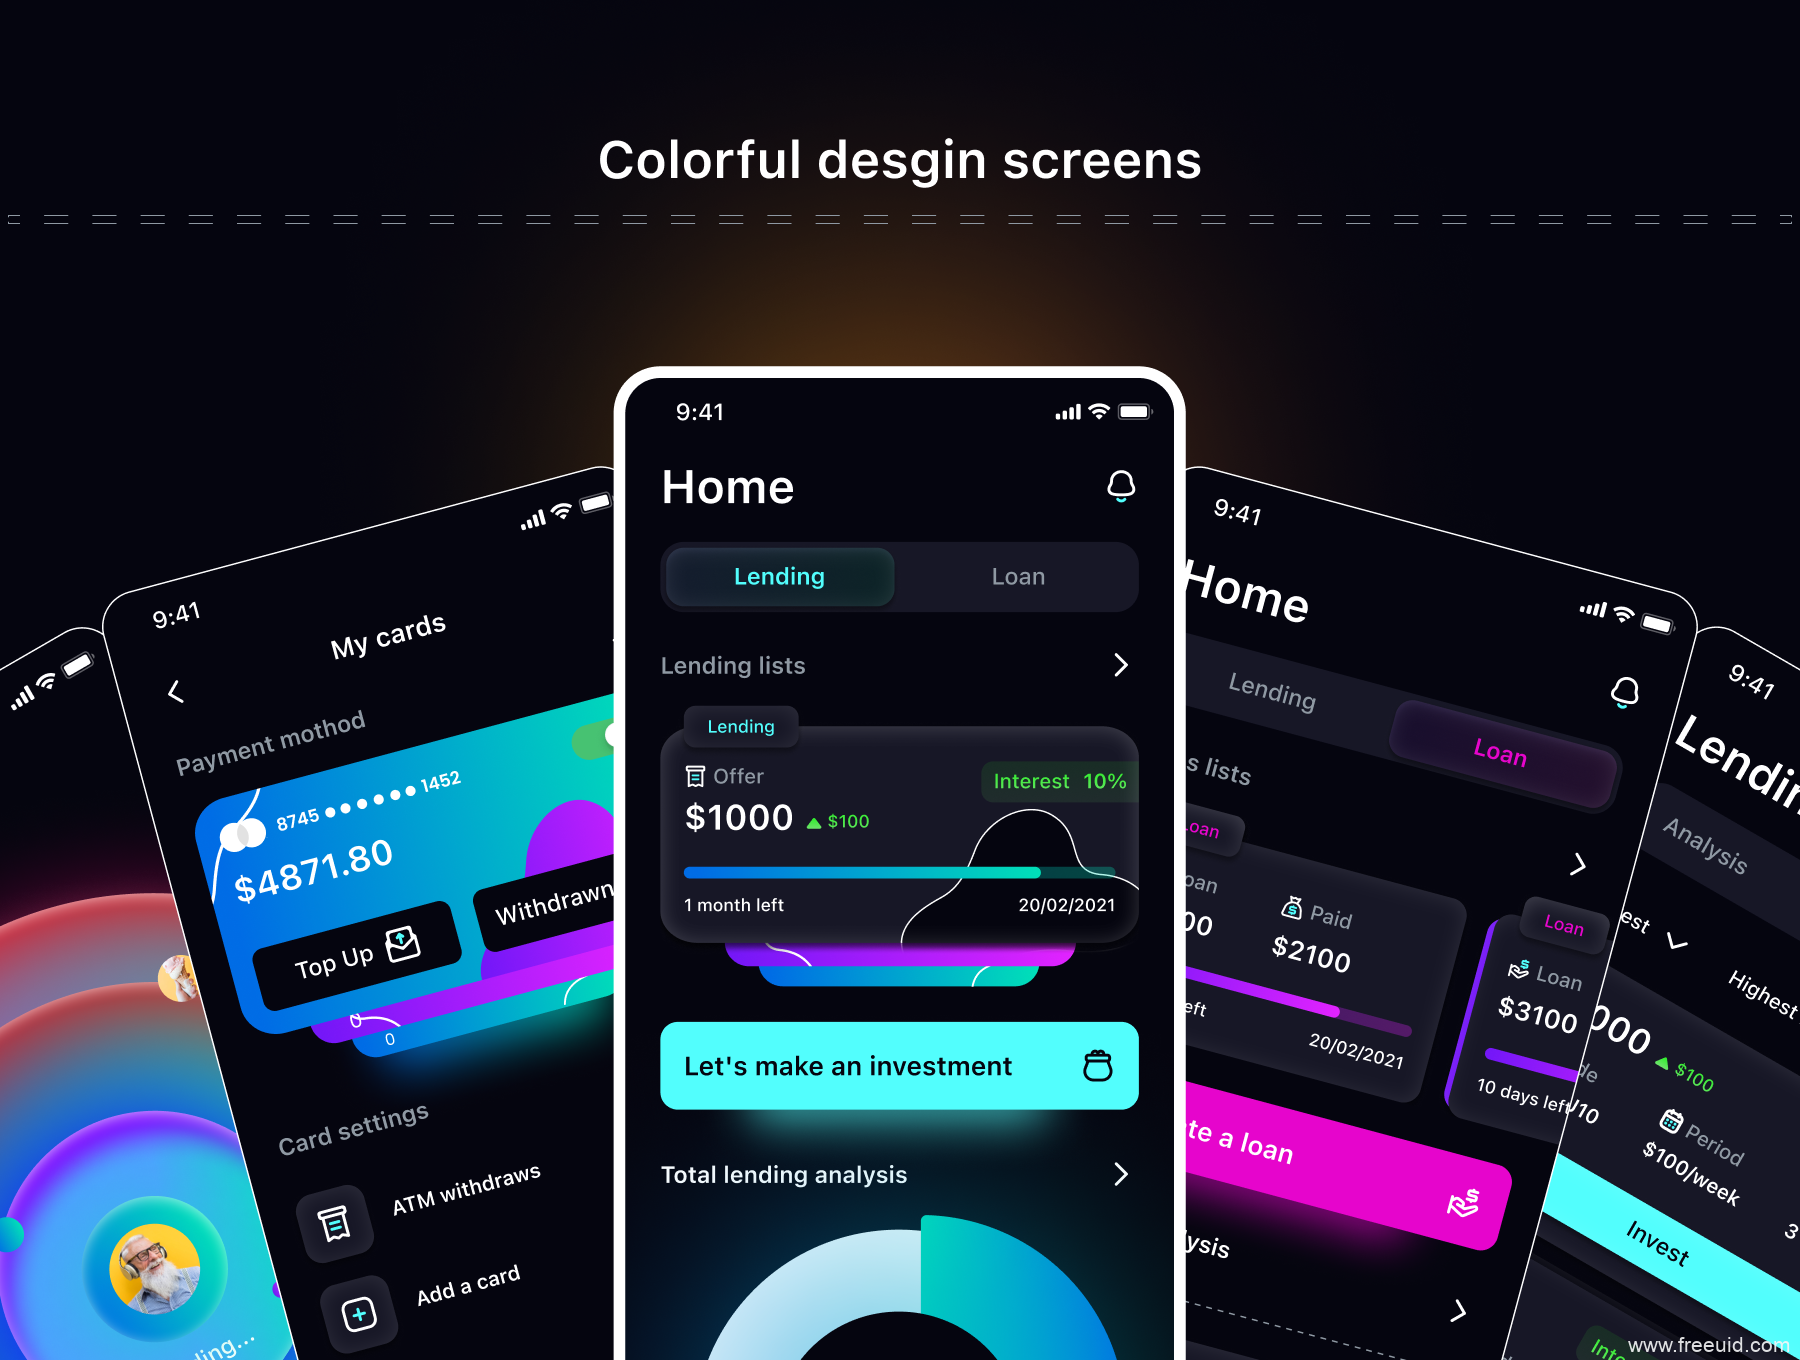 暗色炫酷风格金融app UI源文件下载,电子钱包UI素材下载,酷黑流行风金融app UI kit下载